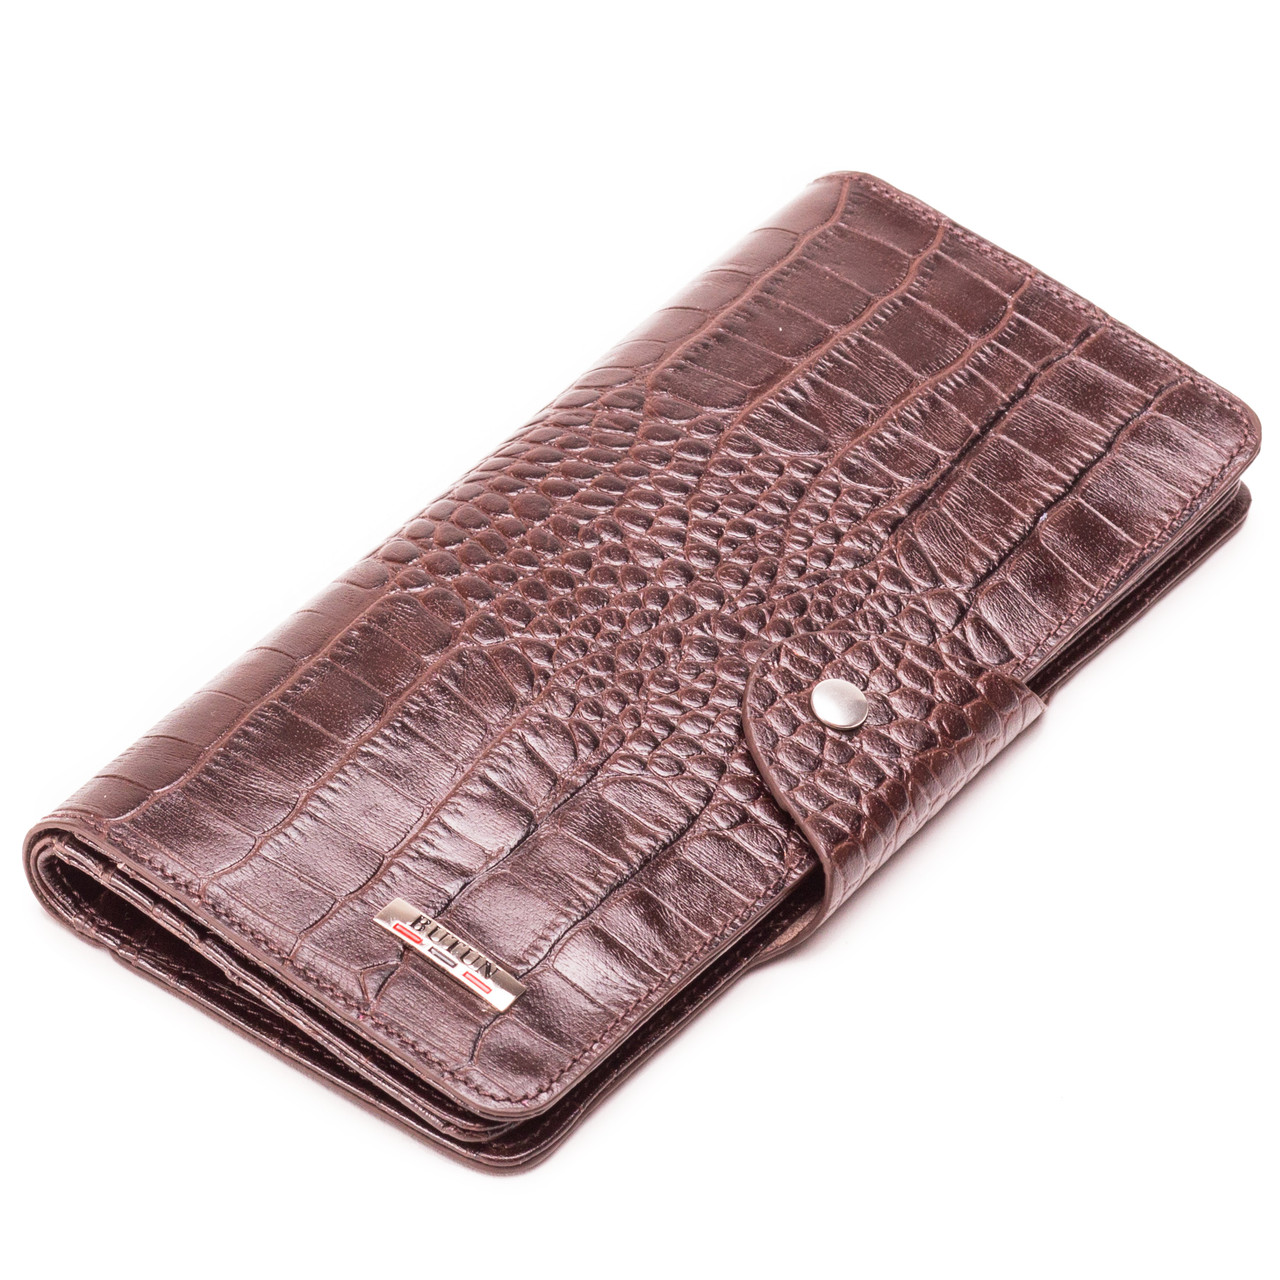 Мужской кошелек бумажник кожаный коричневый BUTUN 645-002-004